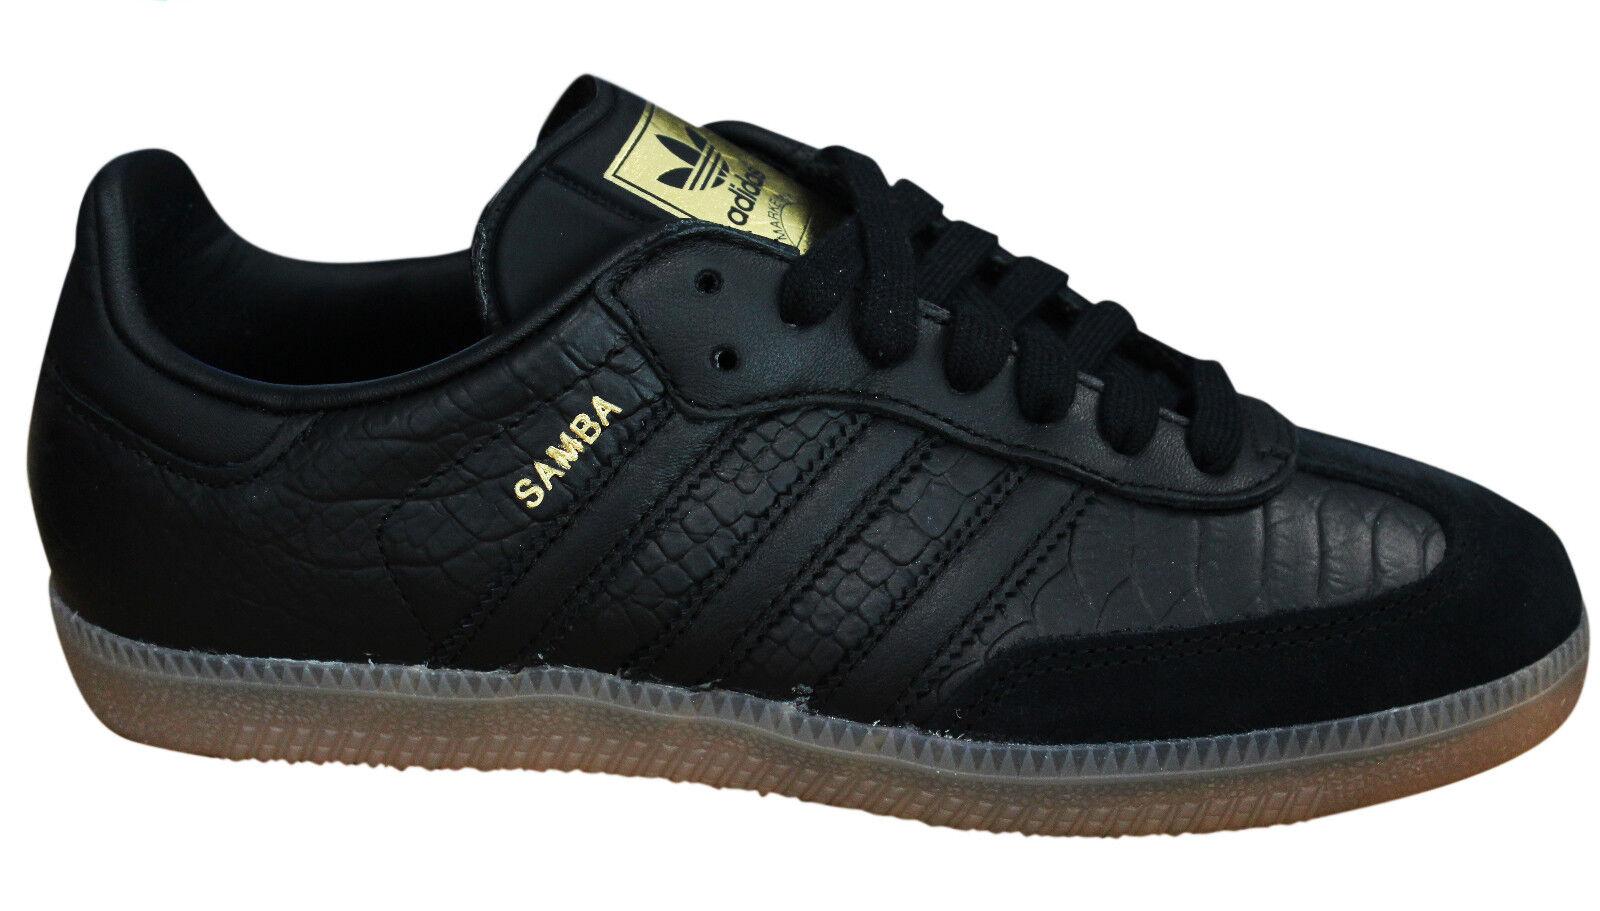 Adidas samba allacciarsi le le le scarpe femminili originali dei formatori in pelle nera bz0620 m17 | Aspetto estetico  af157b